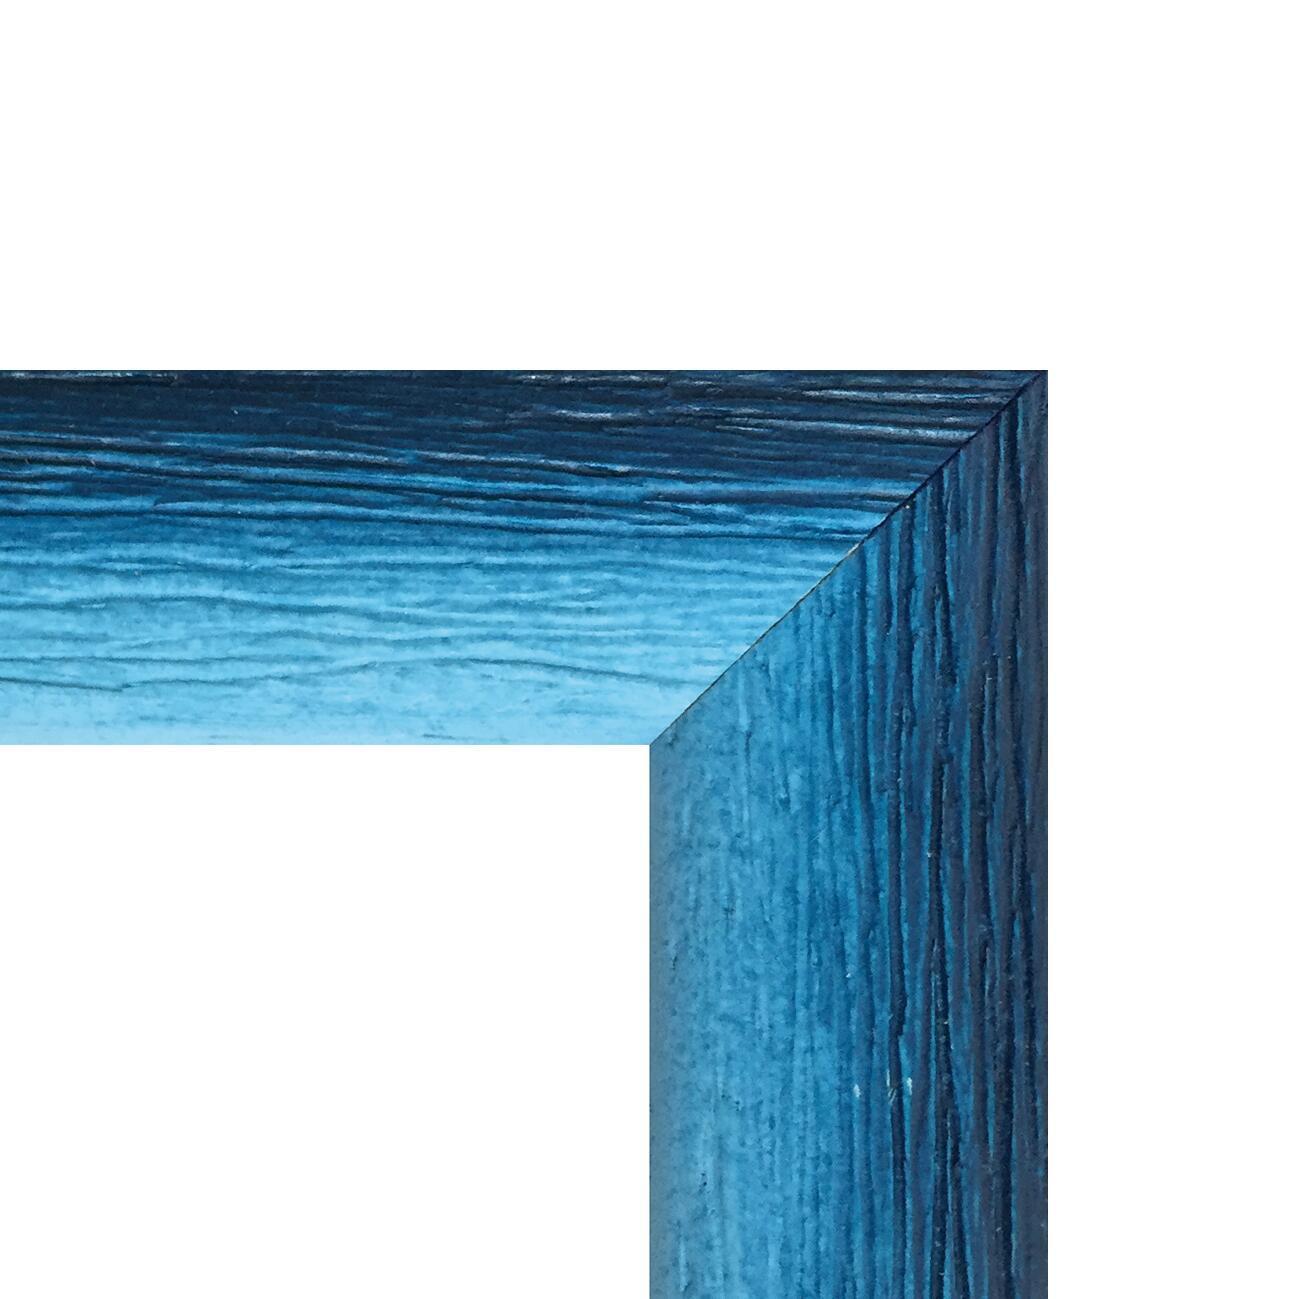 Cornice INSPIRE Bicolor azzurro<multisep/>blu per foto da 10x15 cm - 4